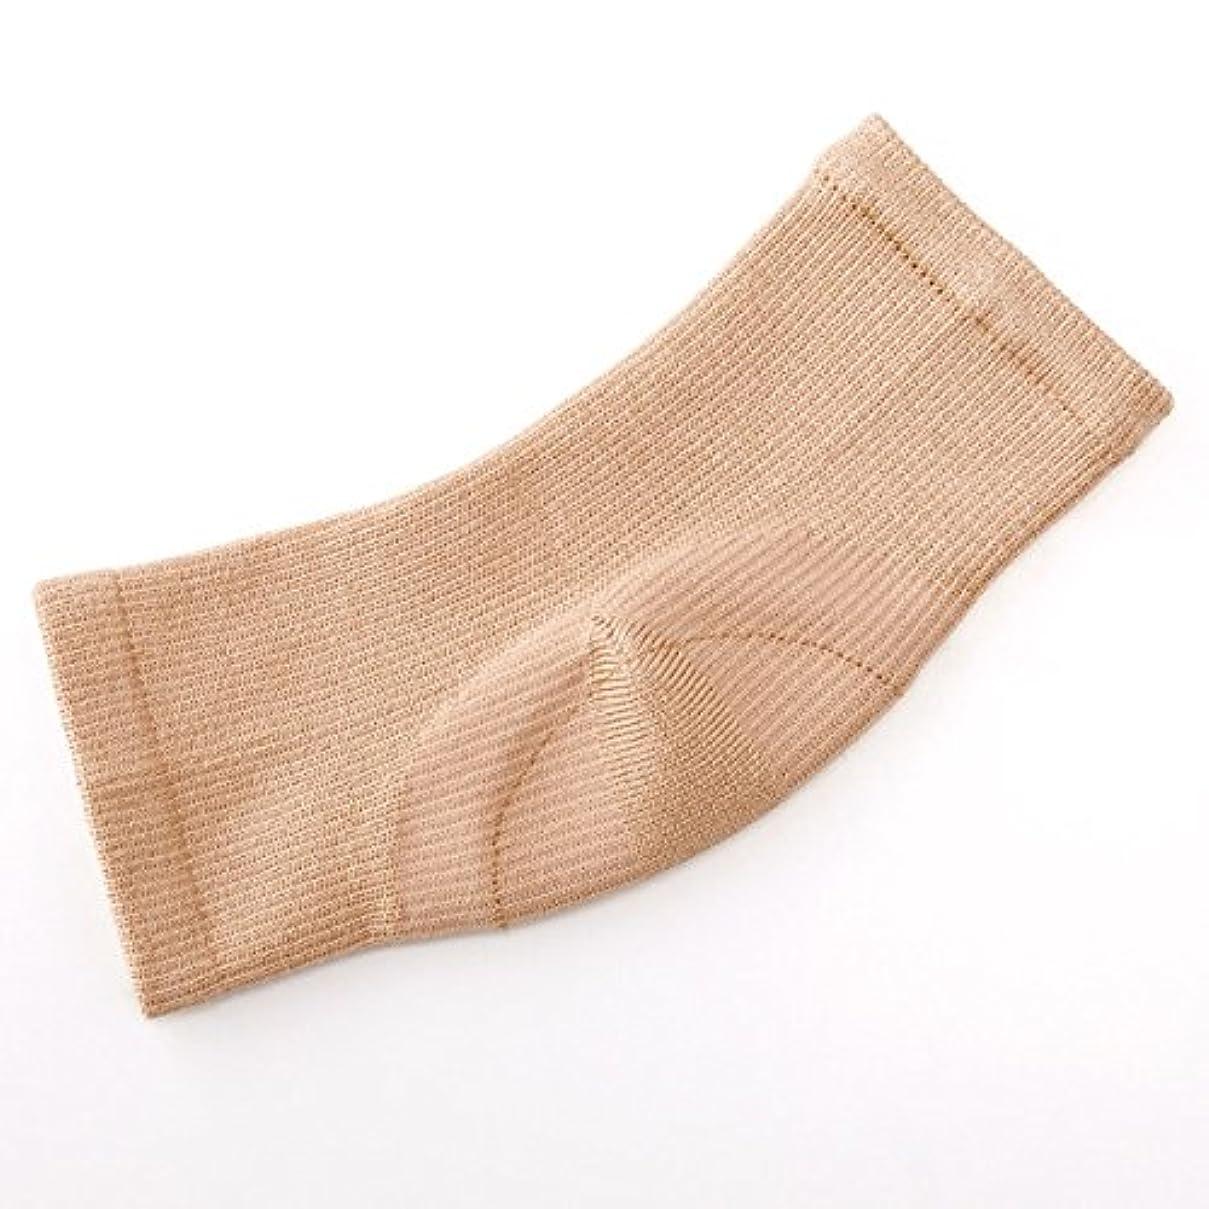 死すべき音防衛シルク混かかと足裏つるるん シルク混 フットカバー かかと 保湿 フットケア 靴下